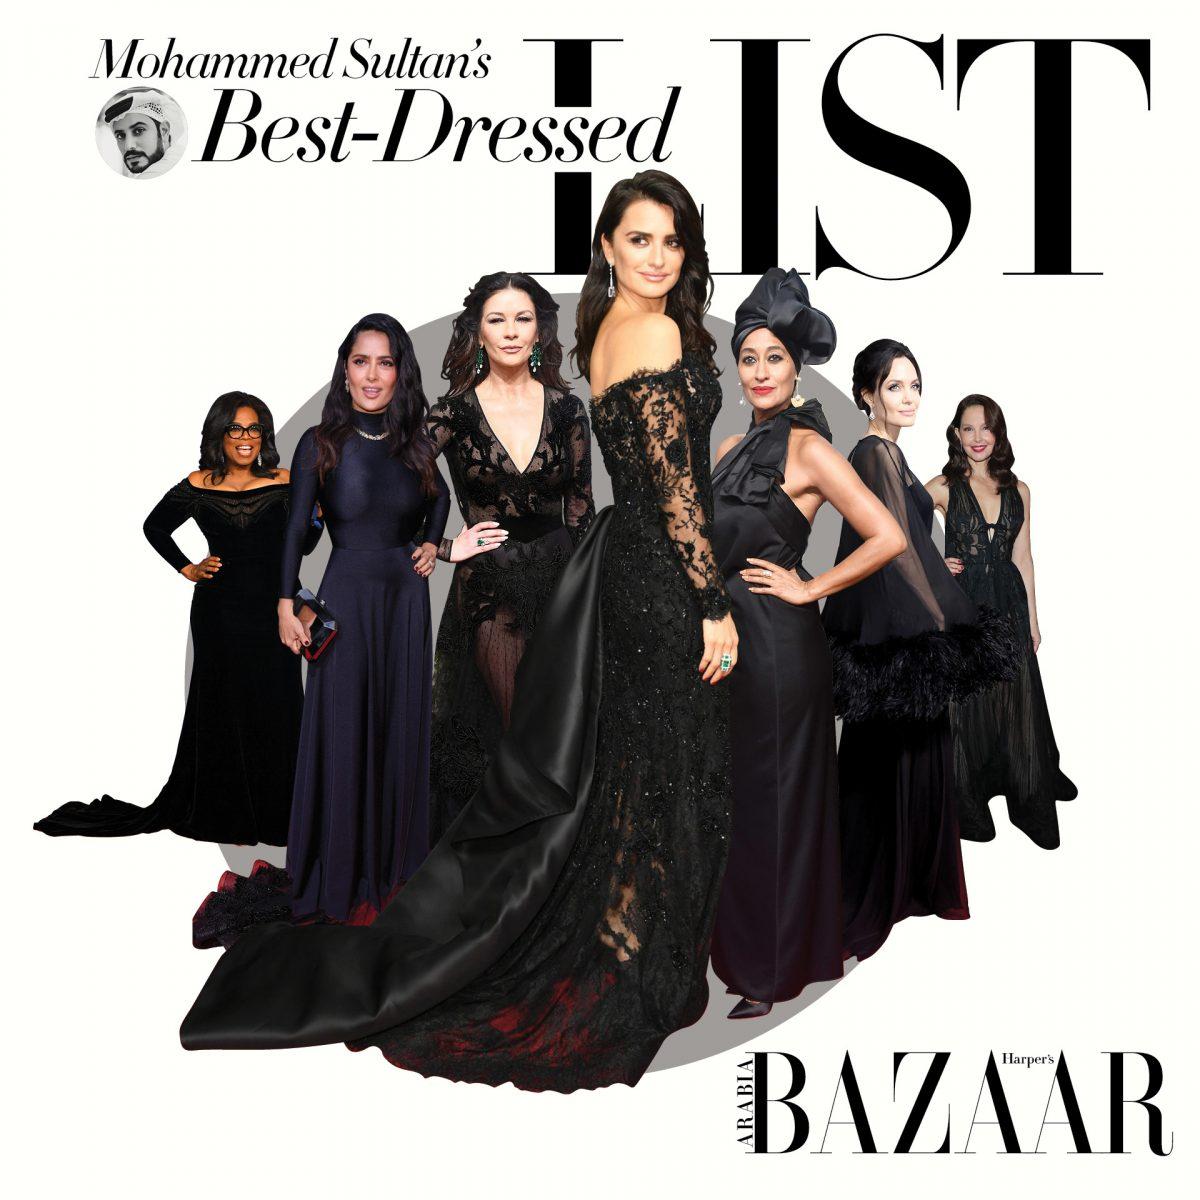 Golden Globes Power Dressing: Mohammed Sultan's Best ...